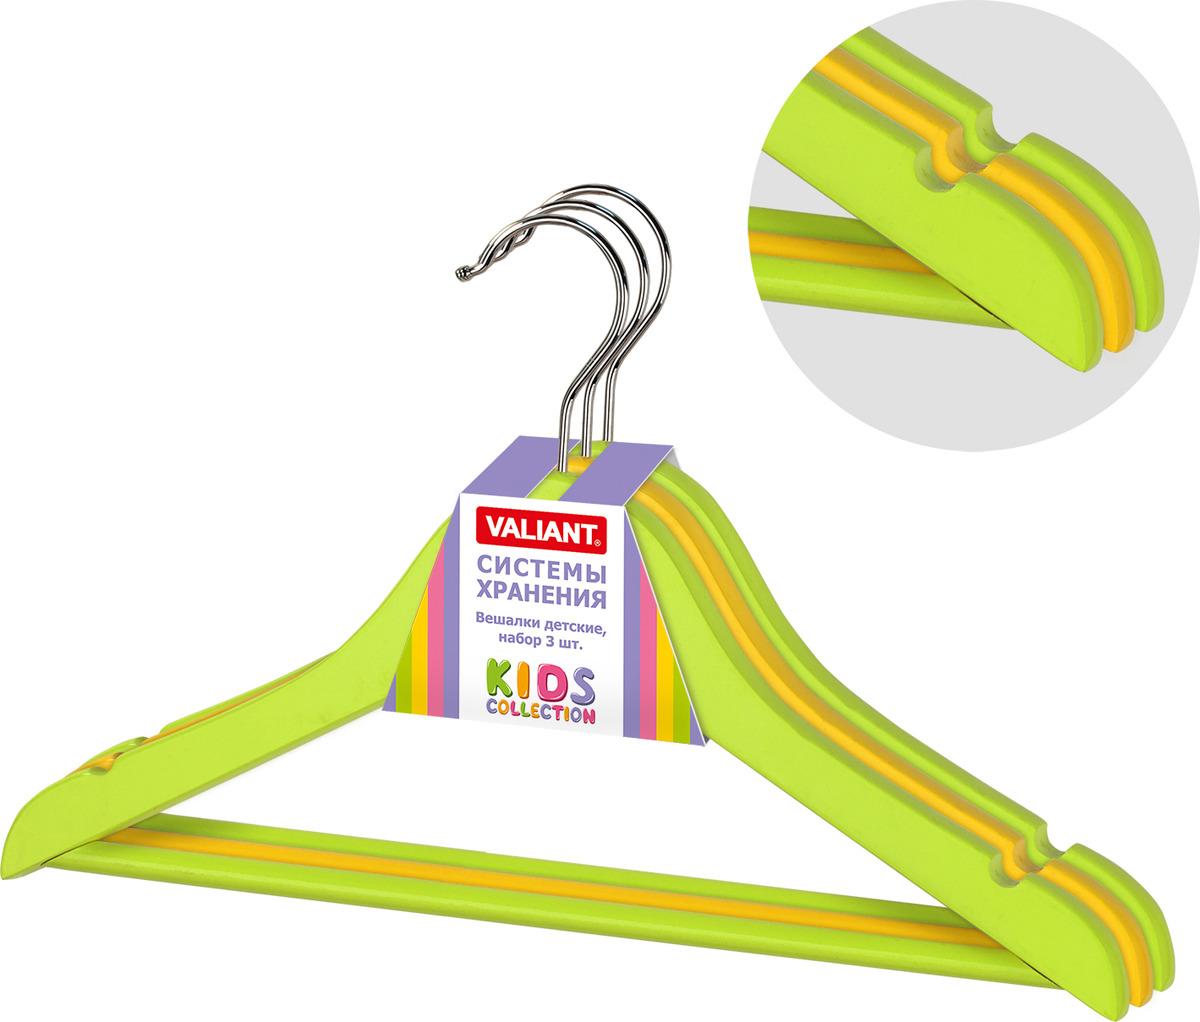 Вешалка детская Valiant, с выемками, цвет: разноцветный, 35 х 21 х 1,2 см, 3 шт искусственные растения valiant муляж лук с перцем в связке желтый 60см шт